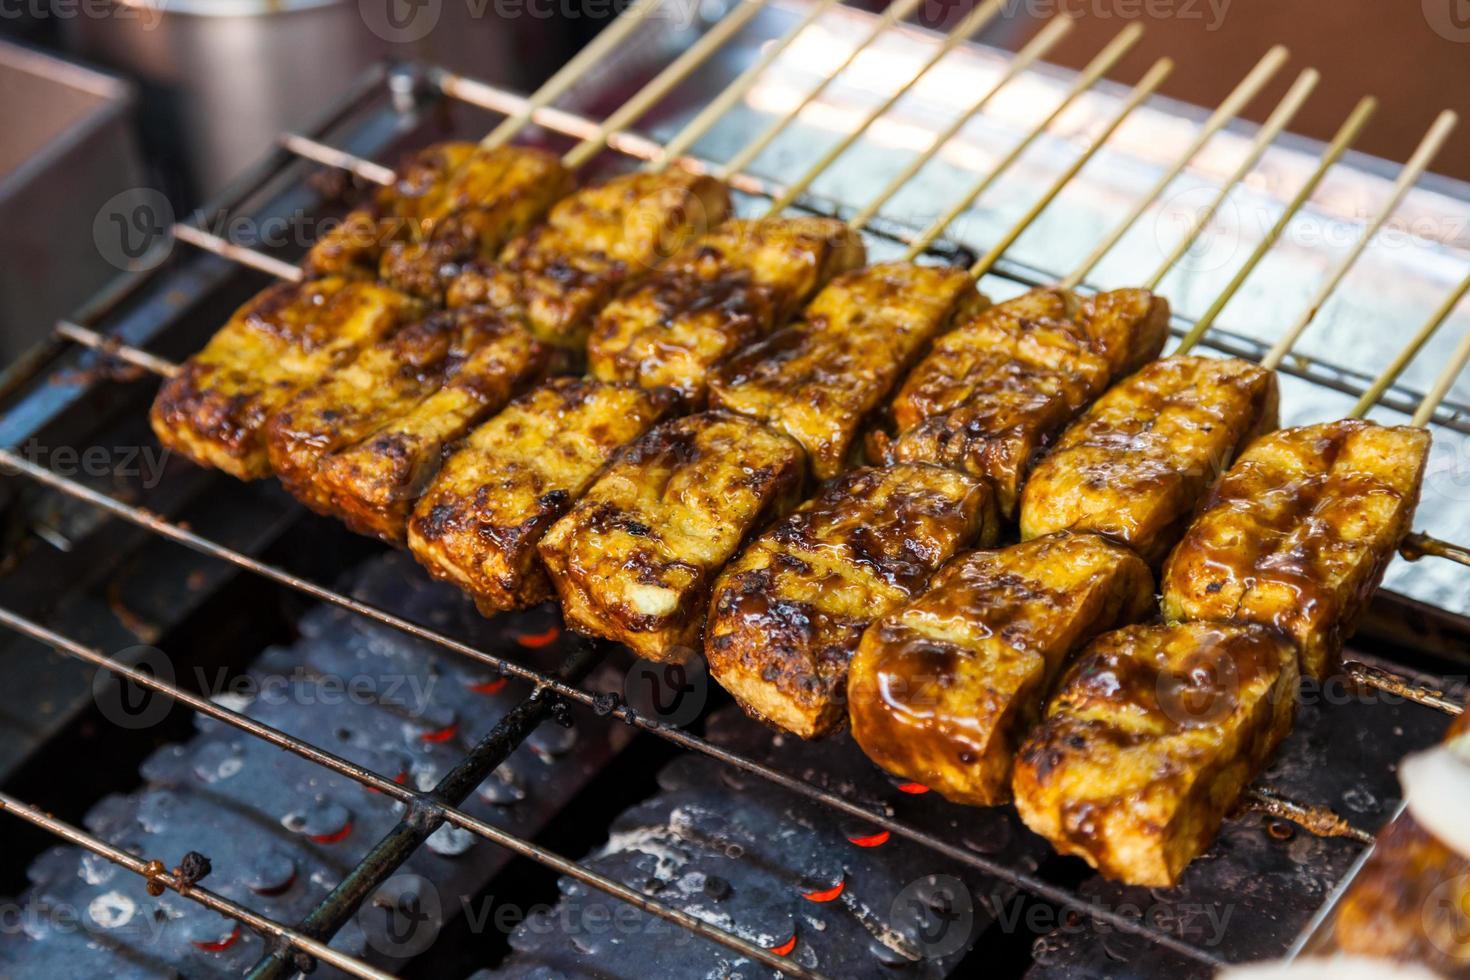 臭豆腐 Tofu apestoso a la parrilla en el mercado nocturno (vegano) foto